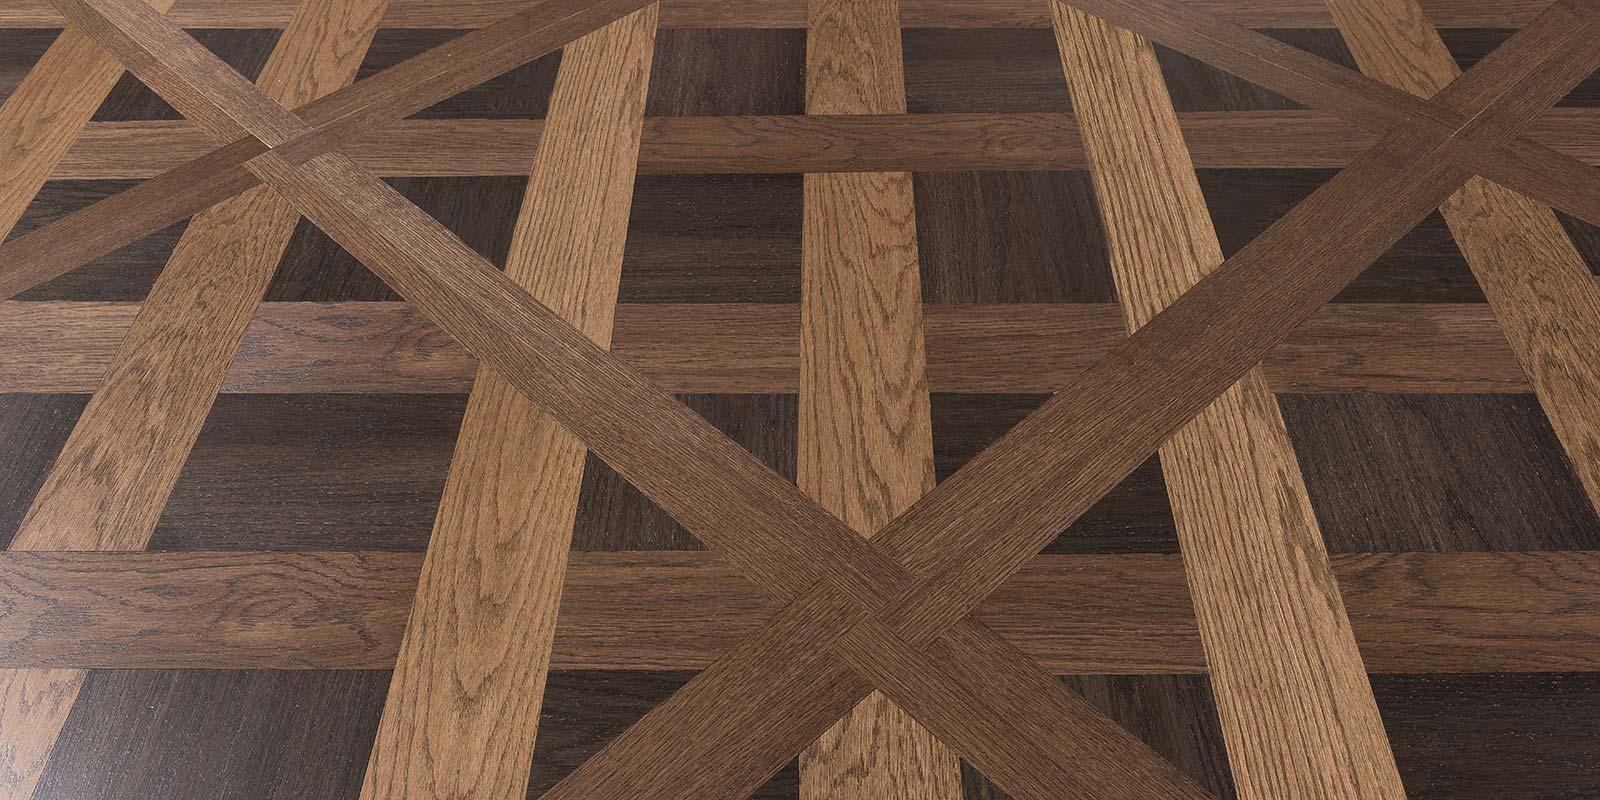 Pavimenti a disegno Mazzonetto Wood Floors